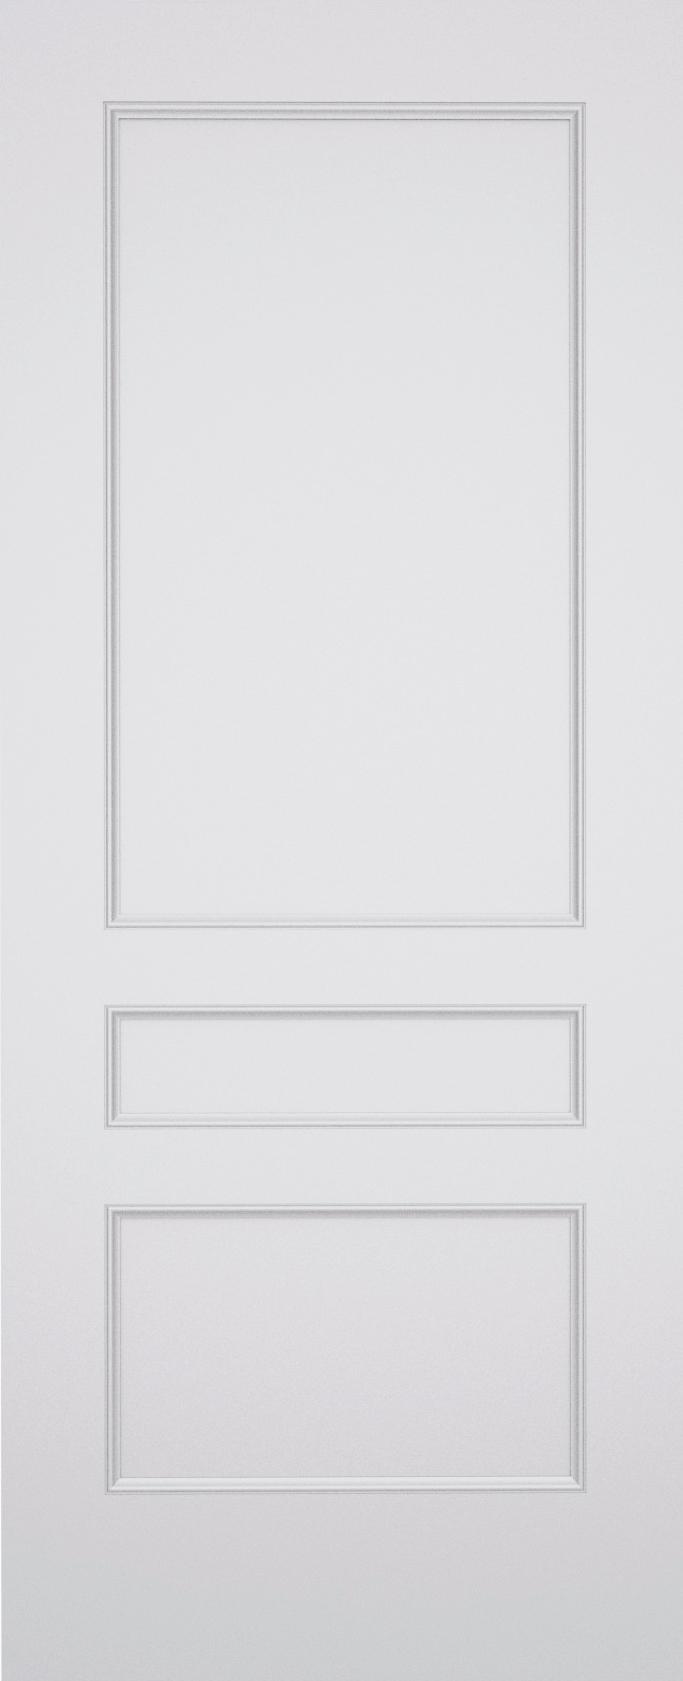 Kesh Bloomsbury 3 Panel Fire Door